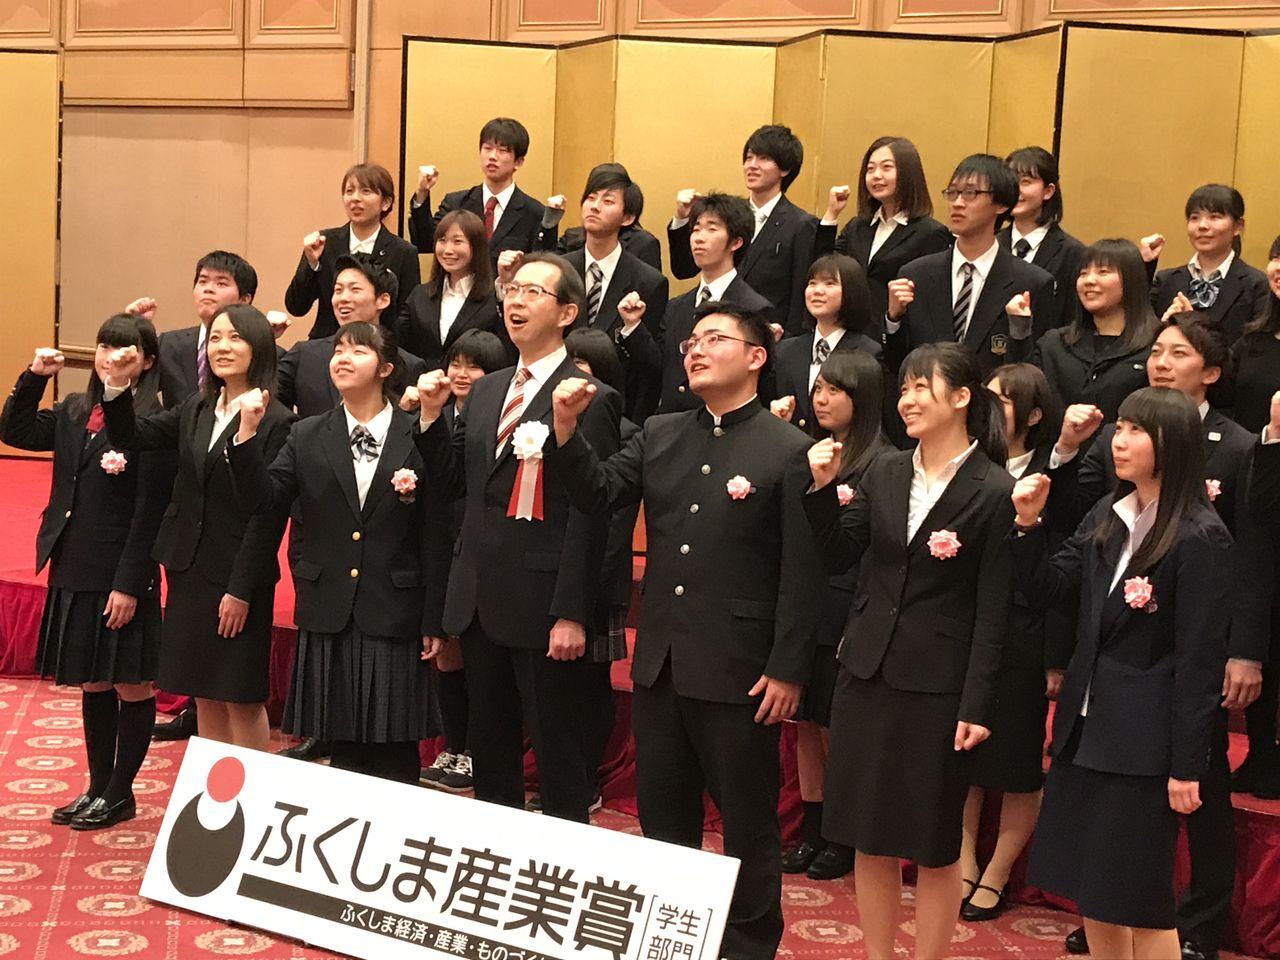 「ふくしま産業賞 学生」の画像検索結果